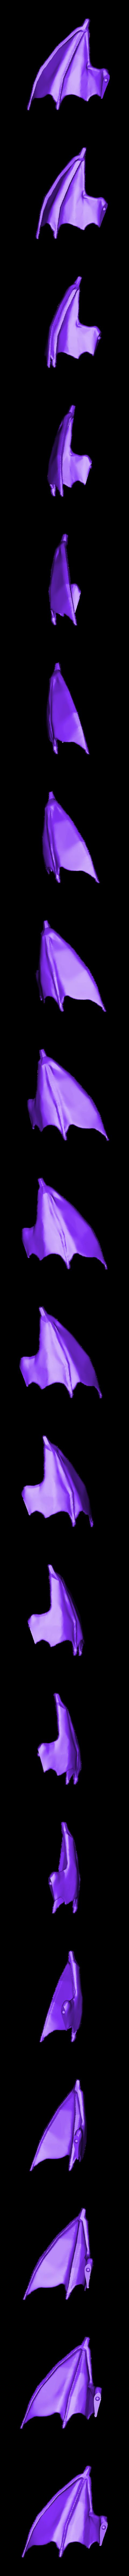 charizard_right_wing.stl Download free STL file Charizard • 3D print model, KerberosFi